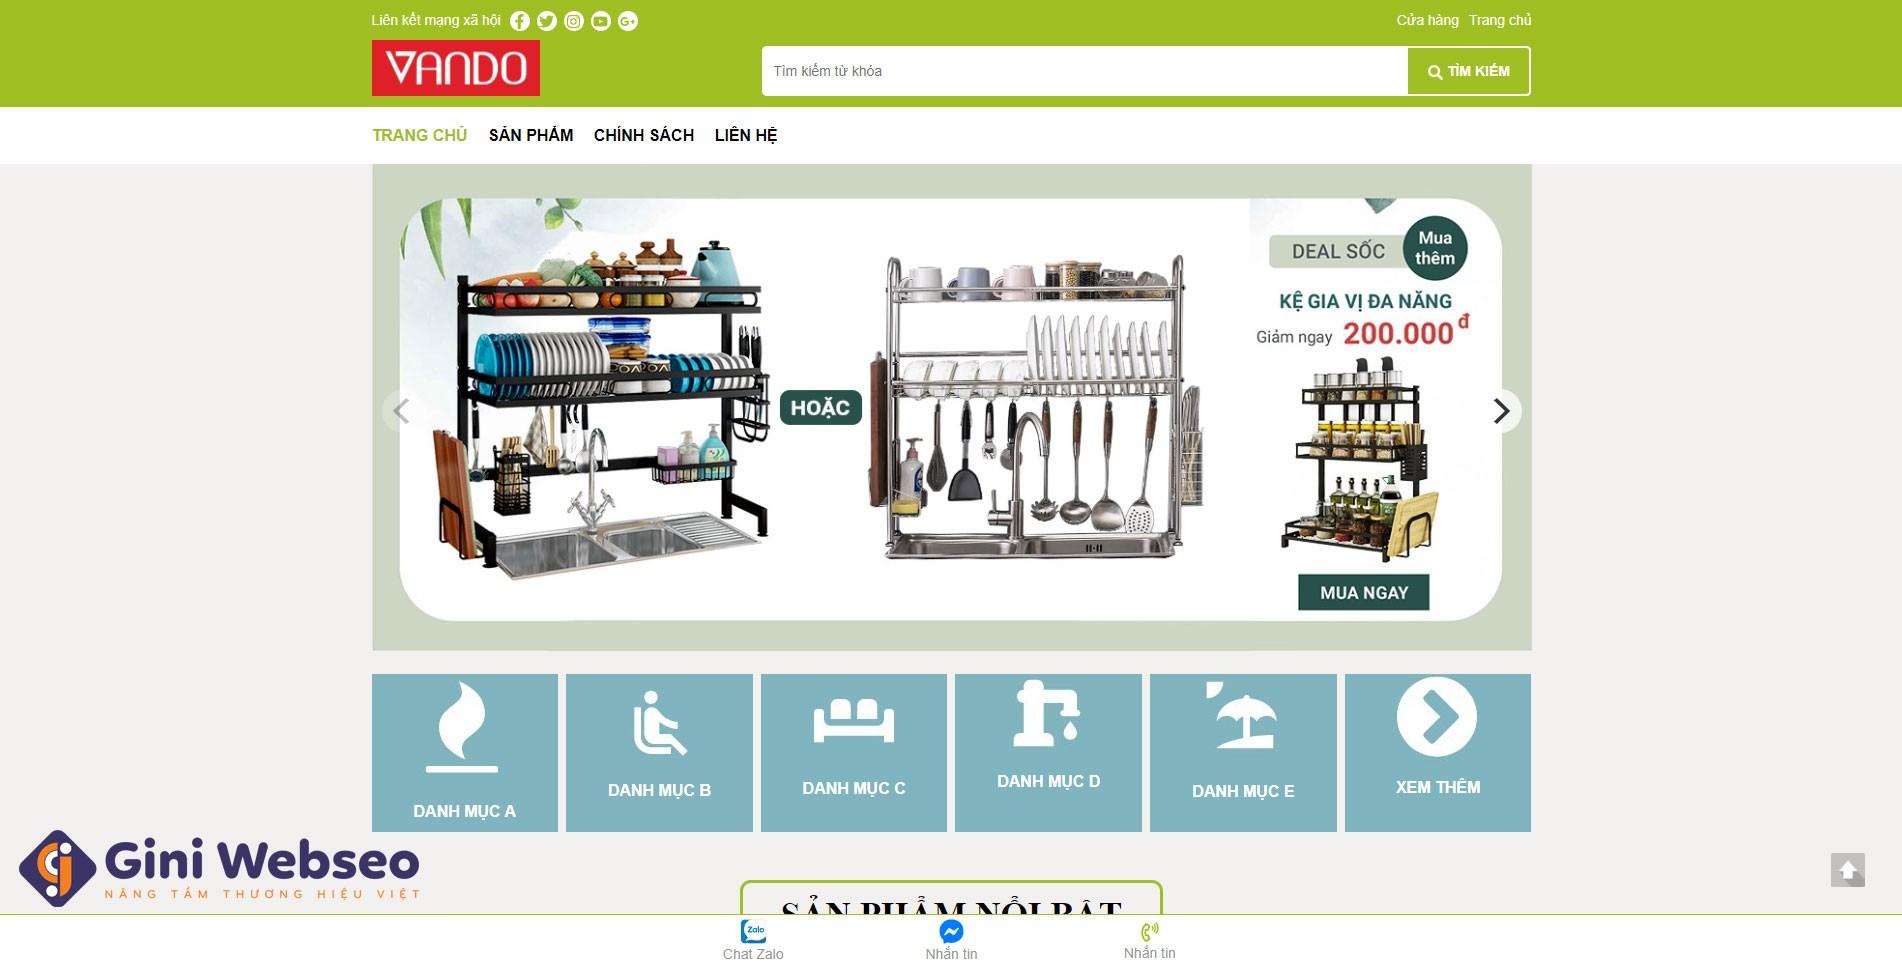 Thiết kế website đồ gia dụng VANDO